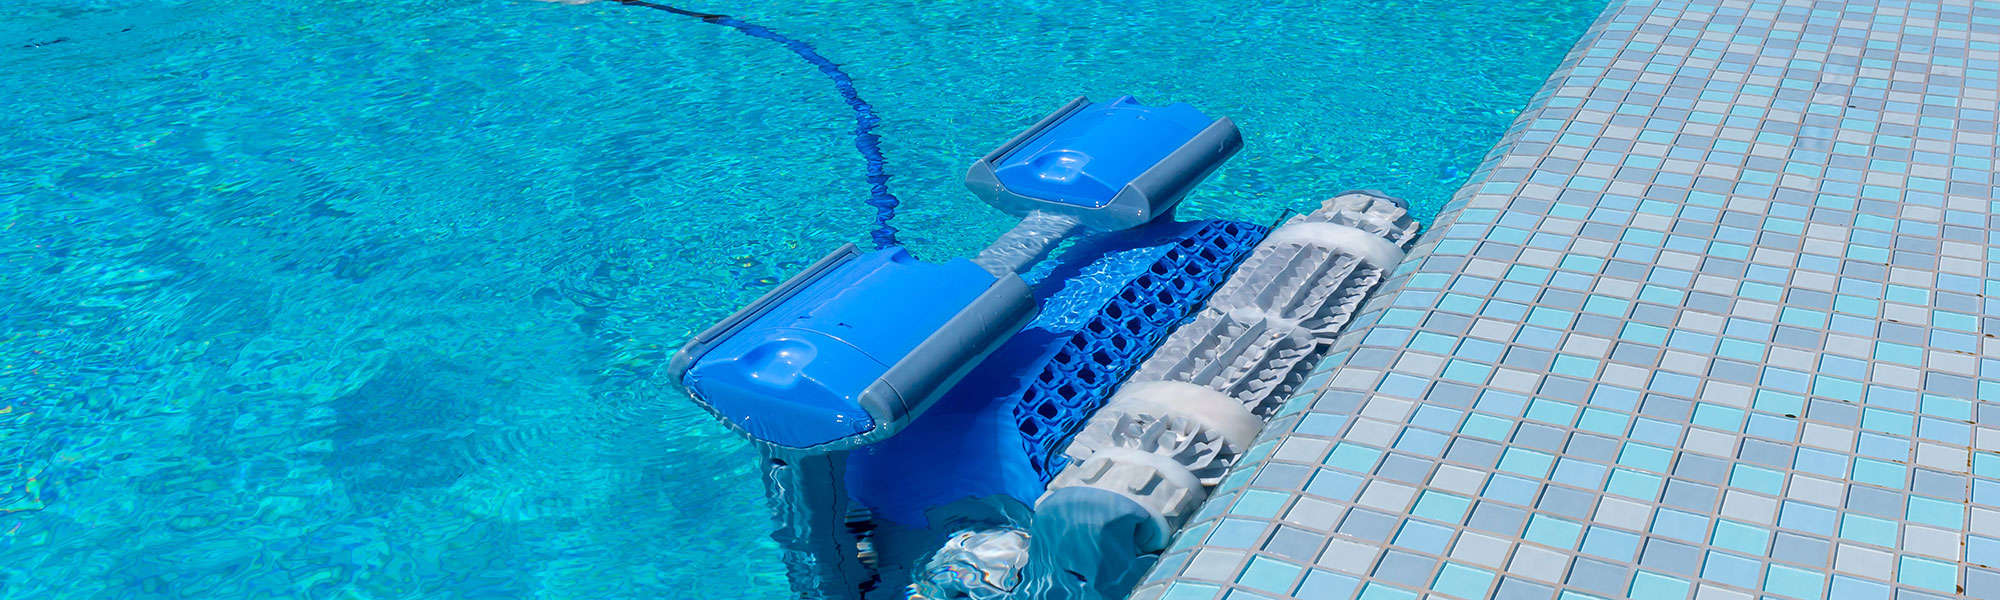 aspirateur piscine électrique